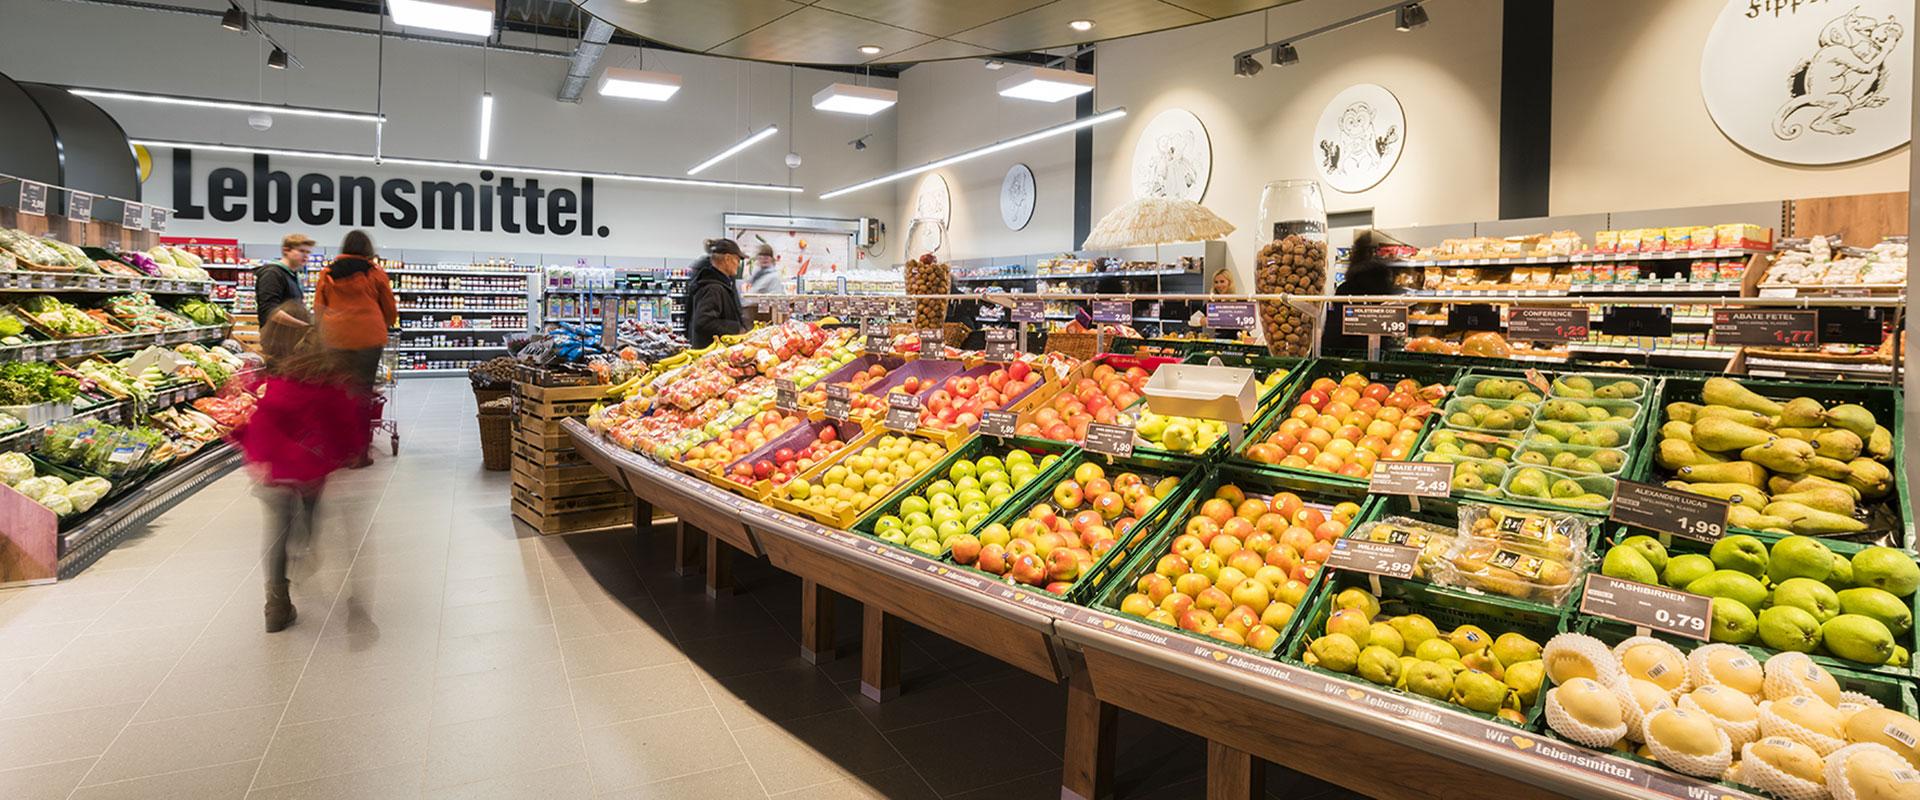 Освещение отдела фруктов и овощей. Цветовая температура 2700К